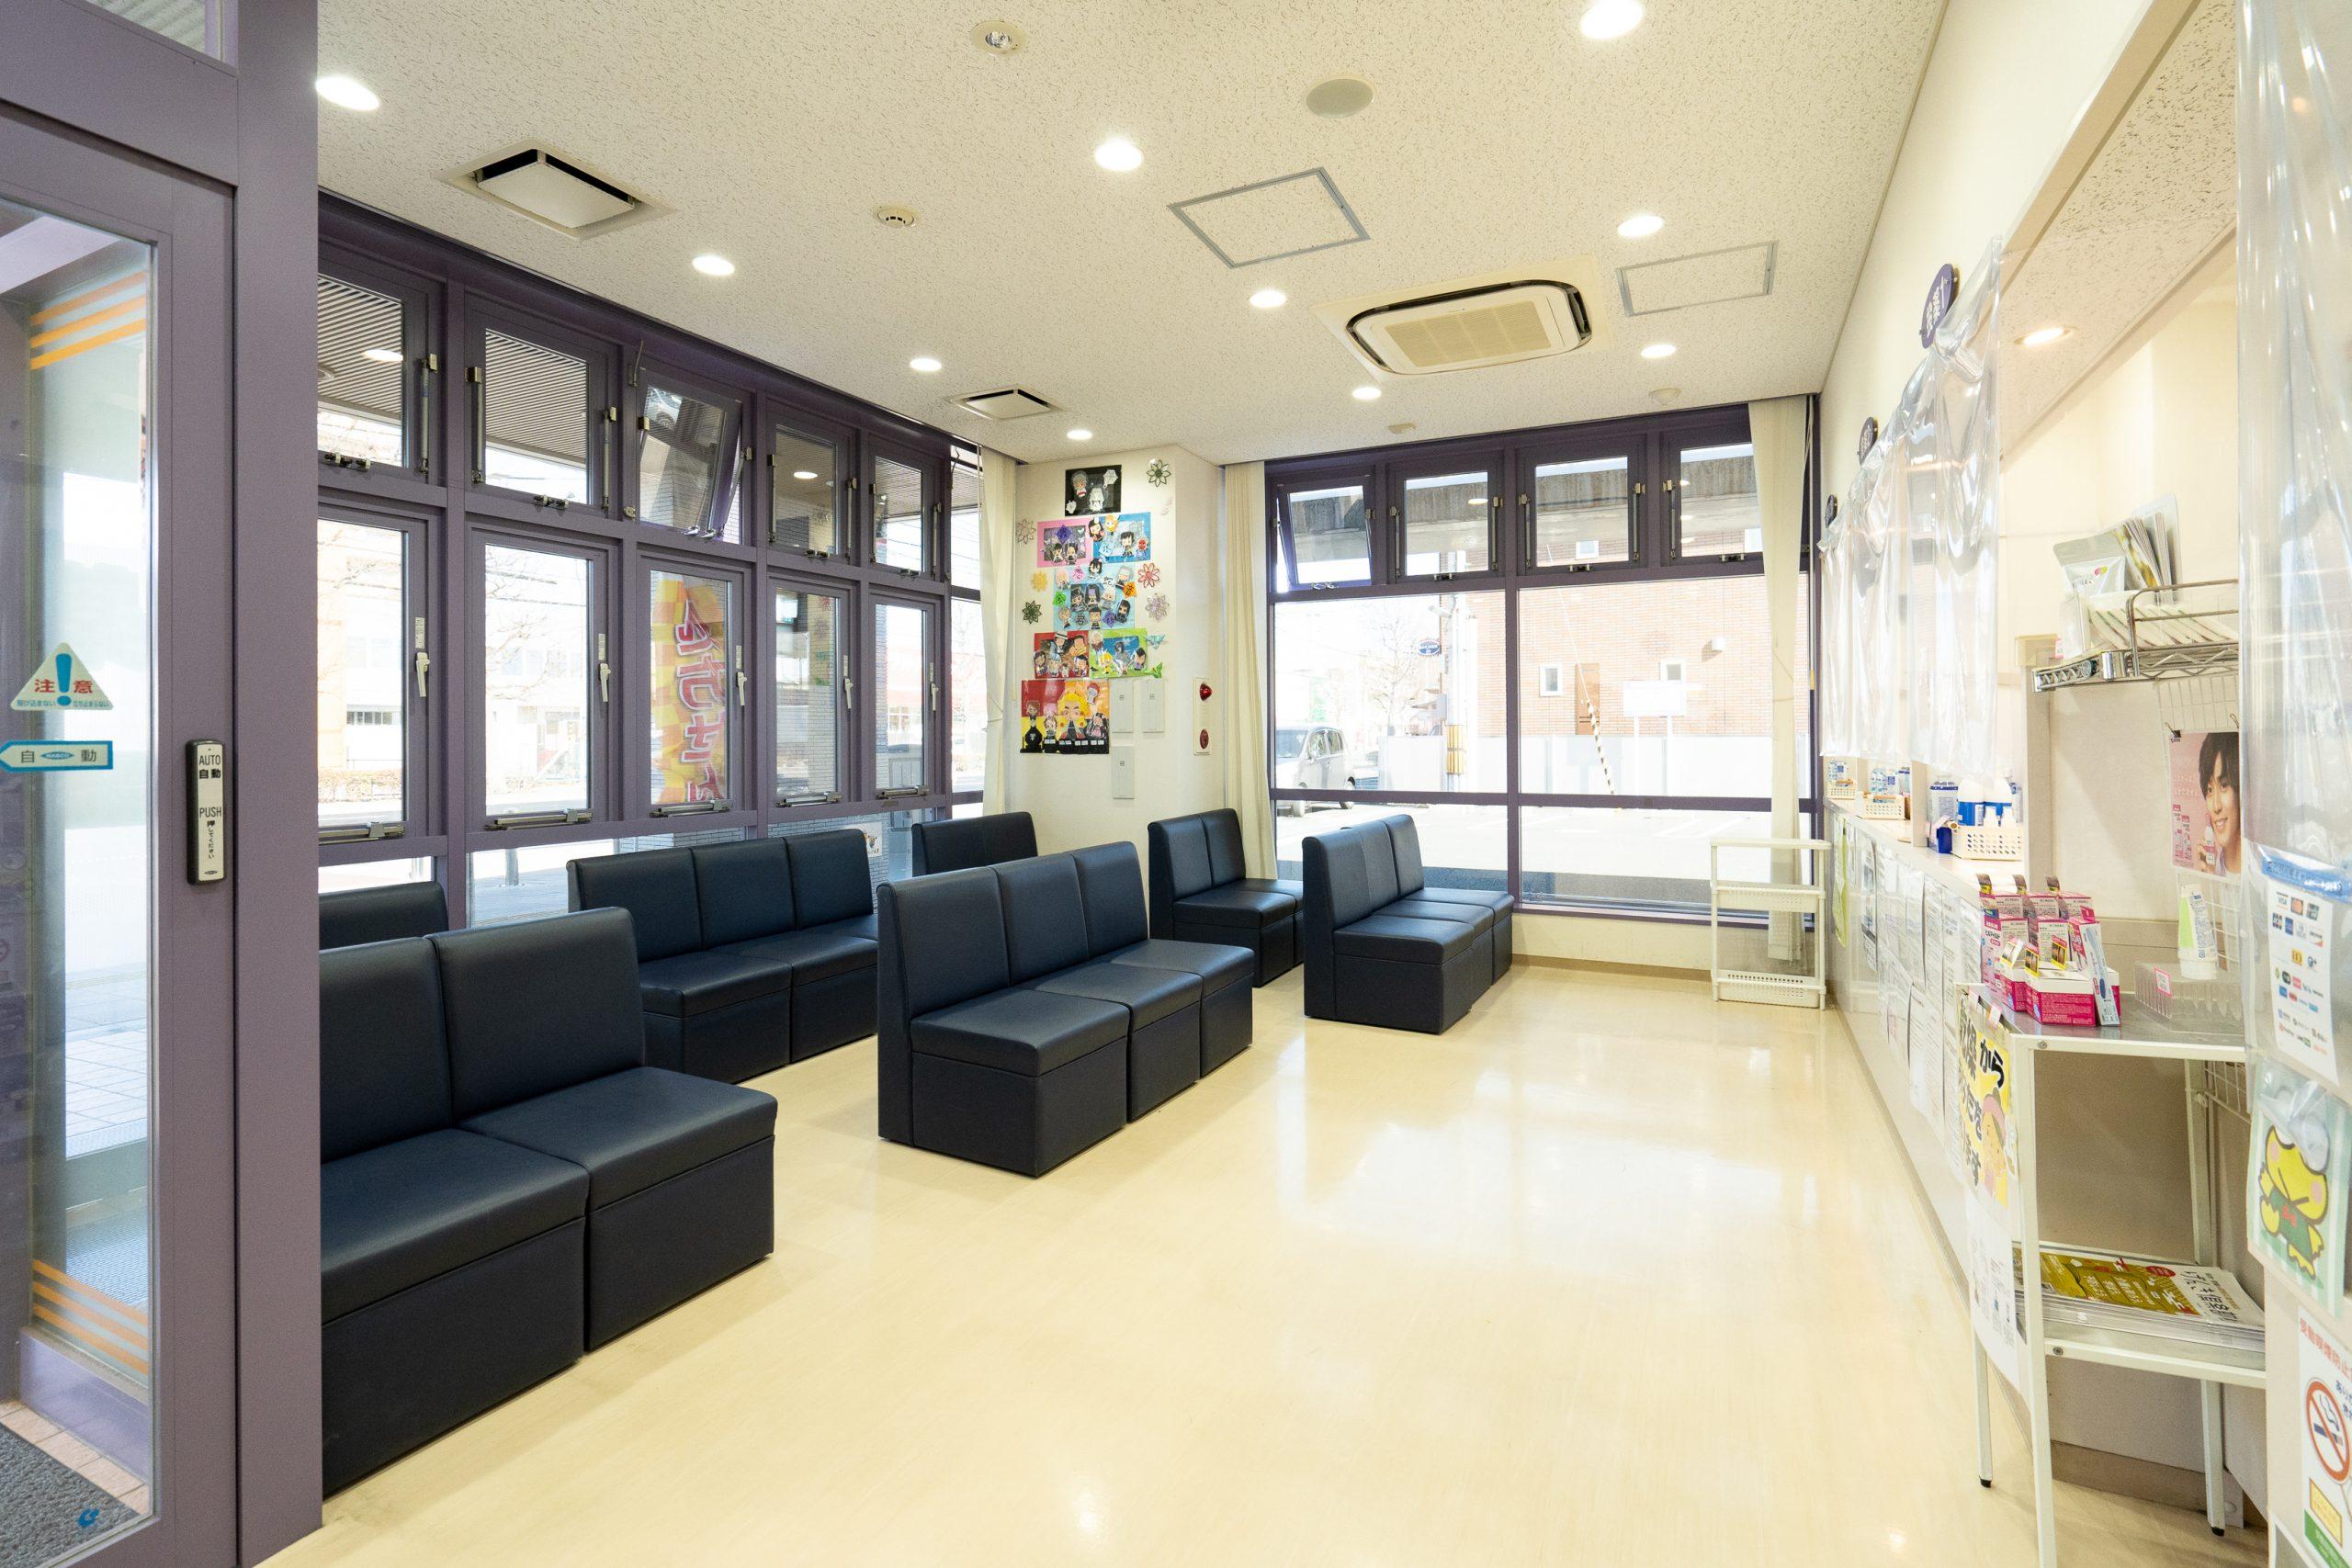 やまと町オレンジ薬局 仙台市若林区で調剤薬局をお探しの方へ